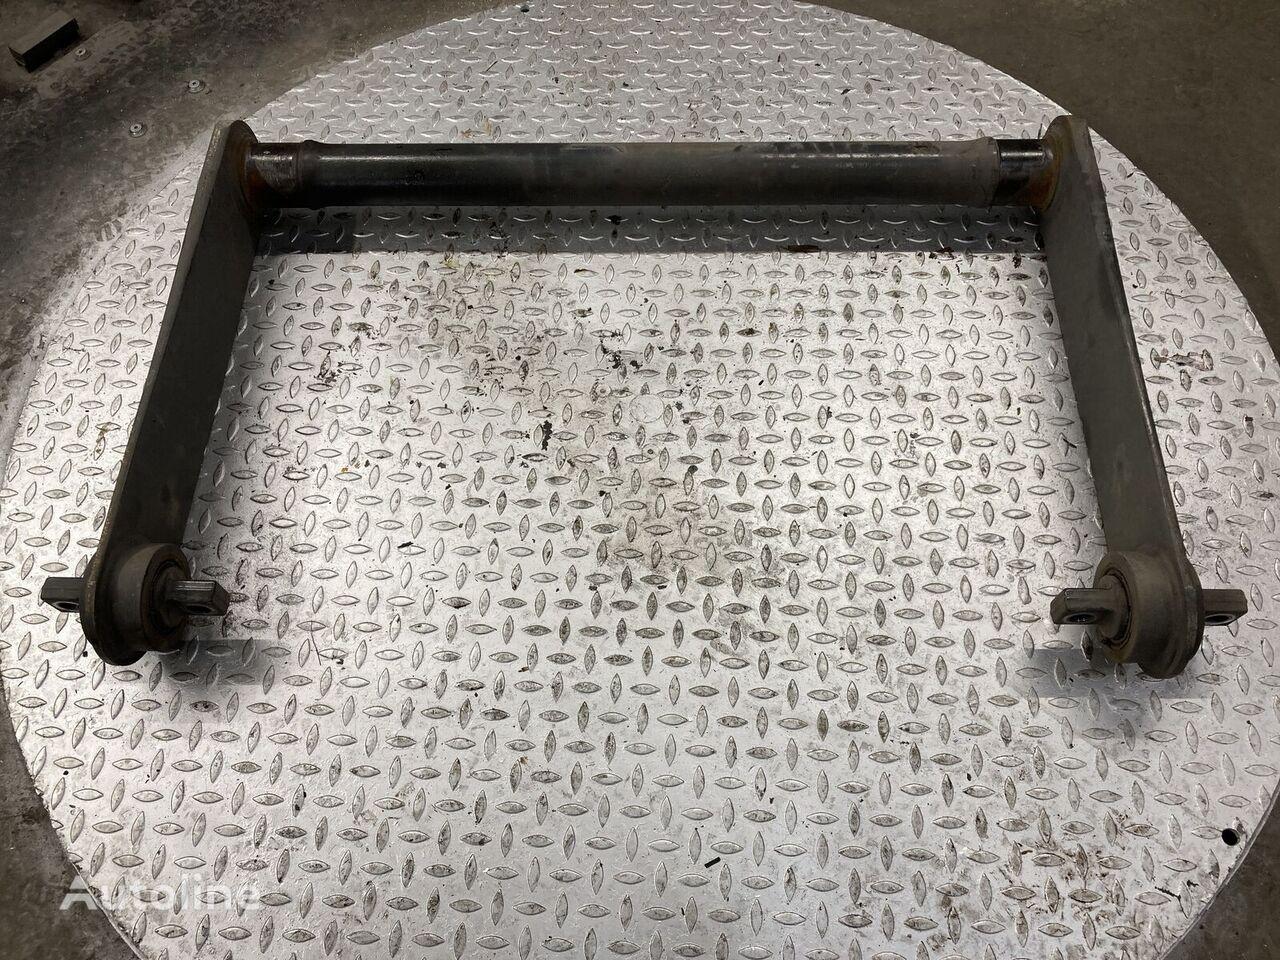 запчасти  Torsiestaaf achteras для грузовика MERCEDES-BENZ Torsiestaaf achteras